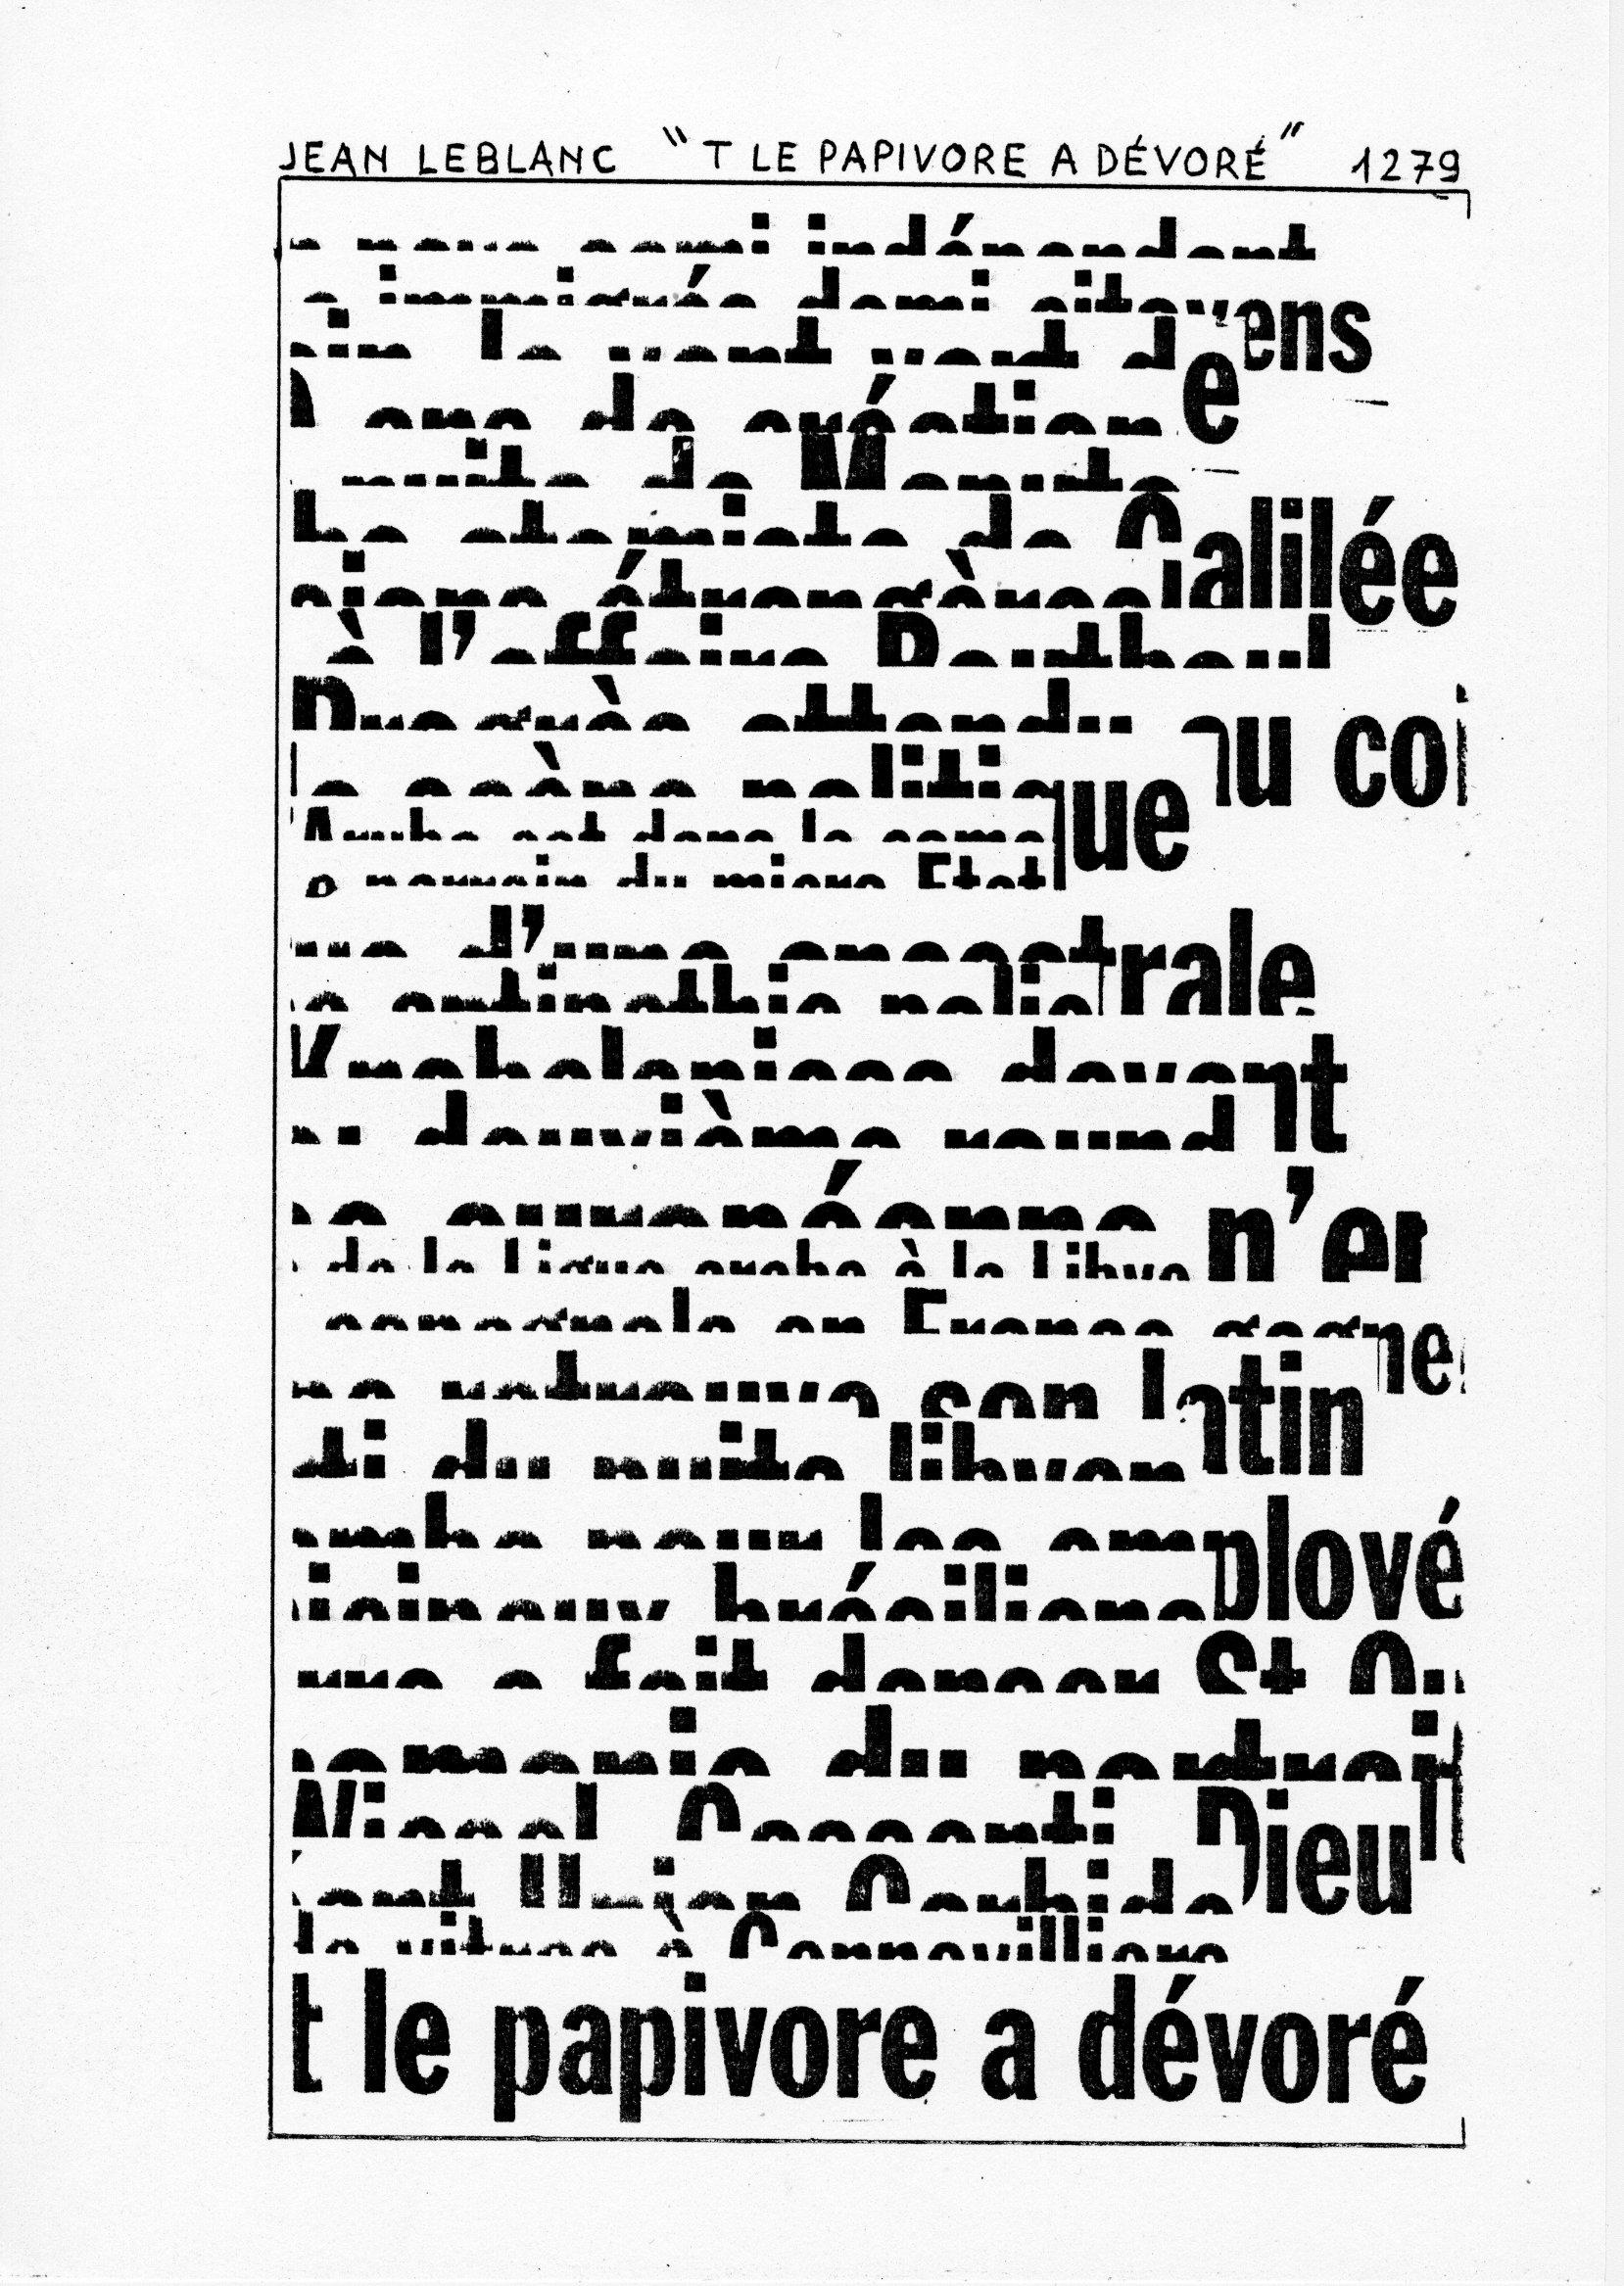 page 1279 J. Leblanc T LE PAPIVORE A DEVORE